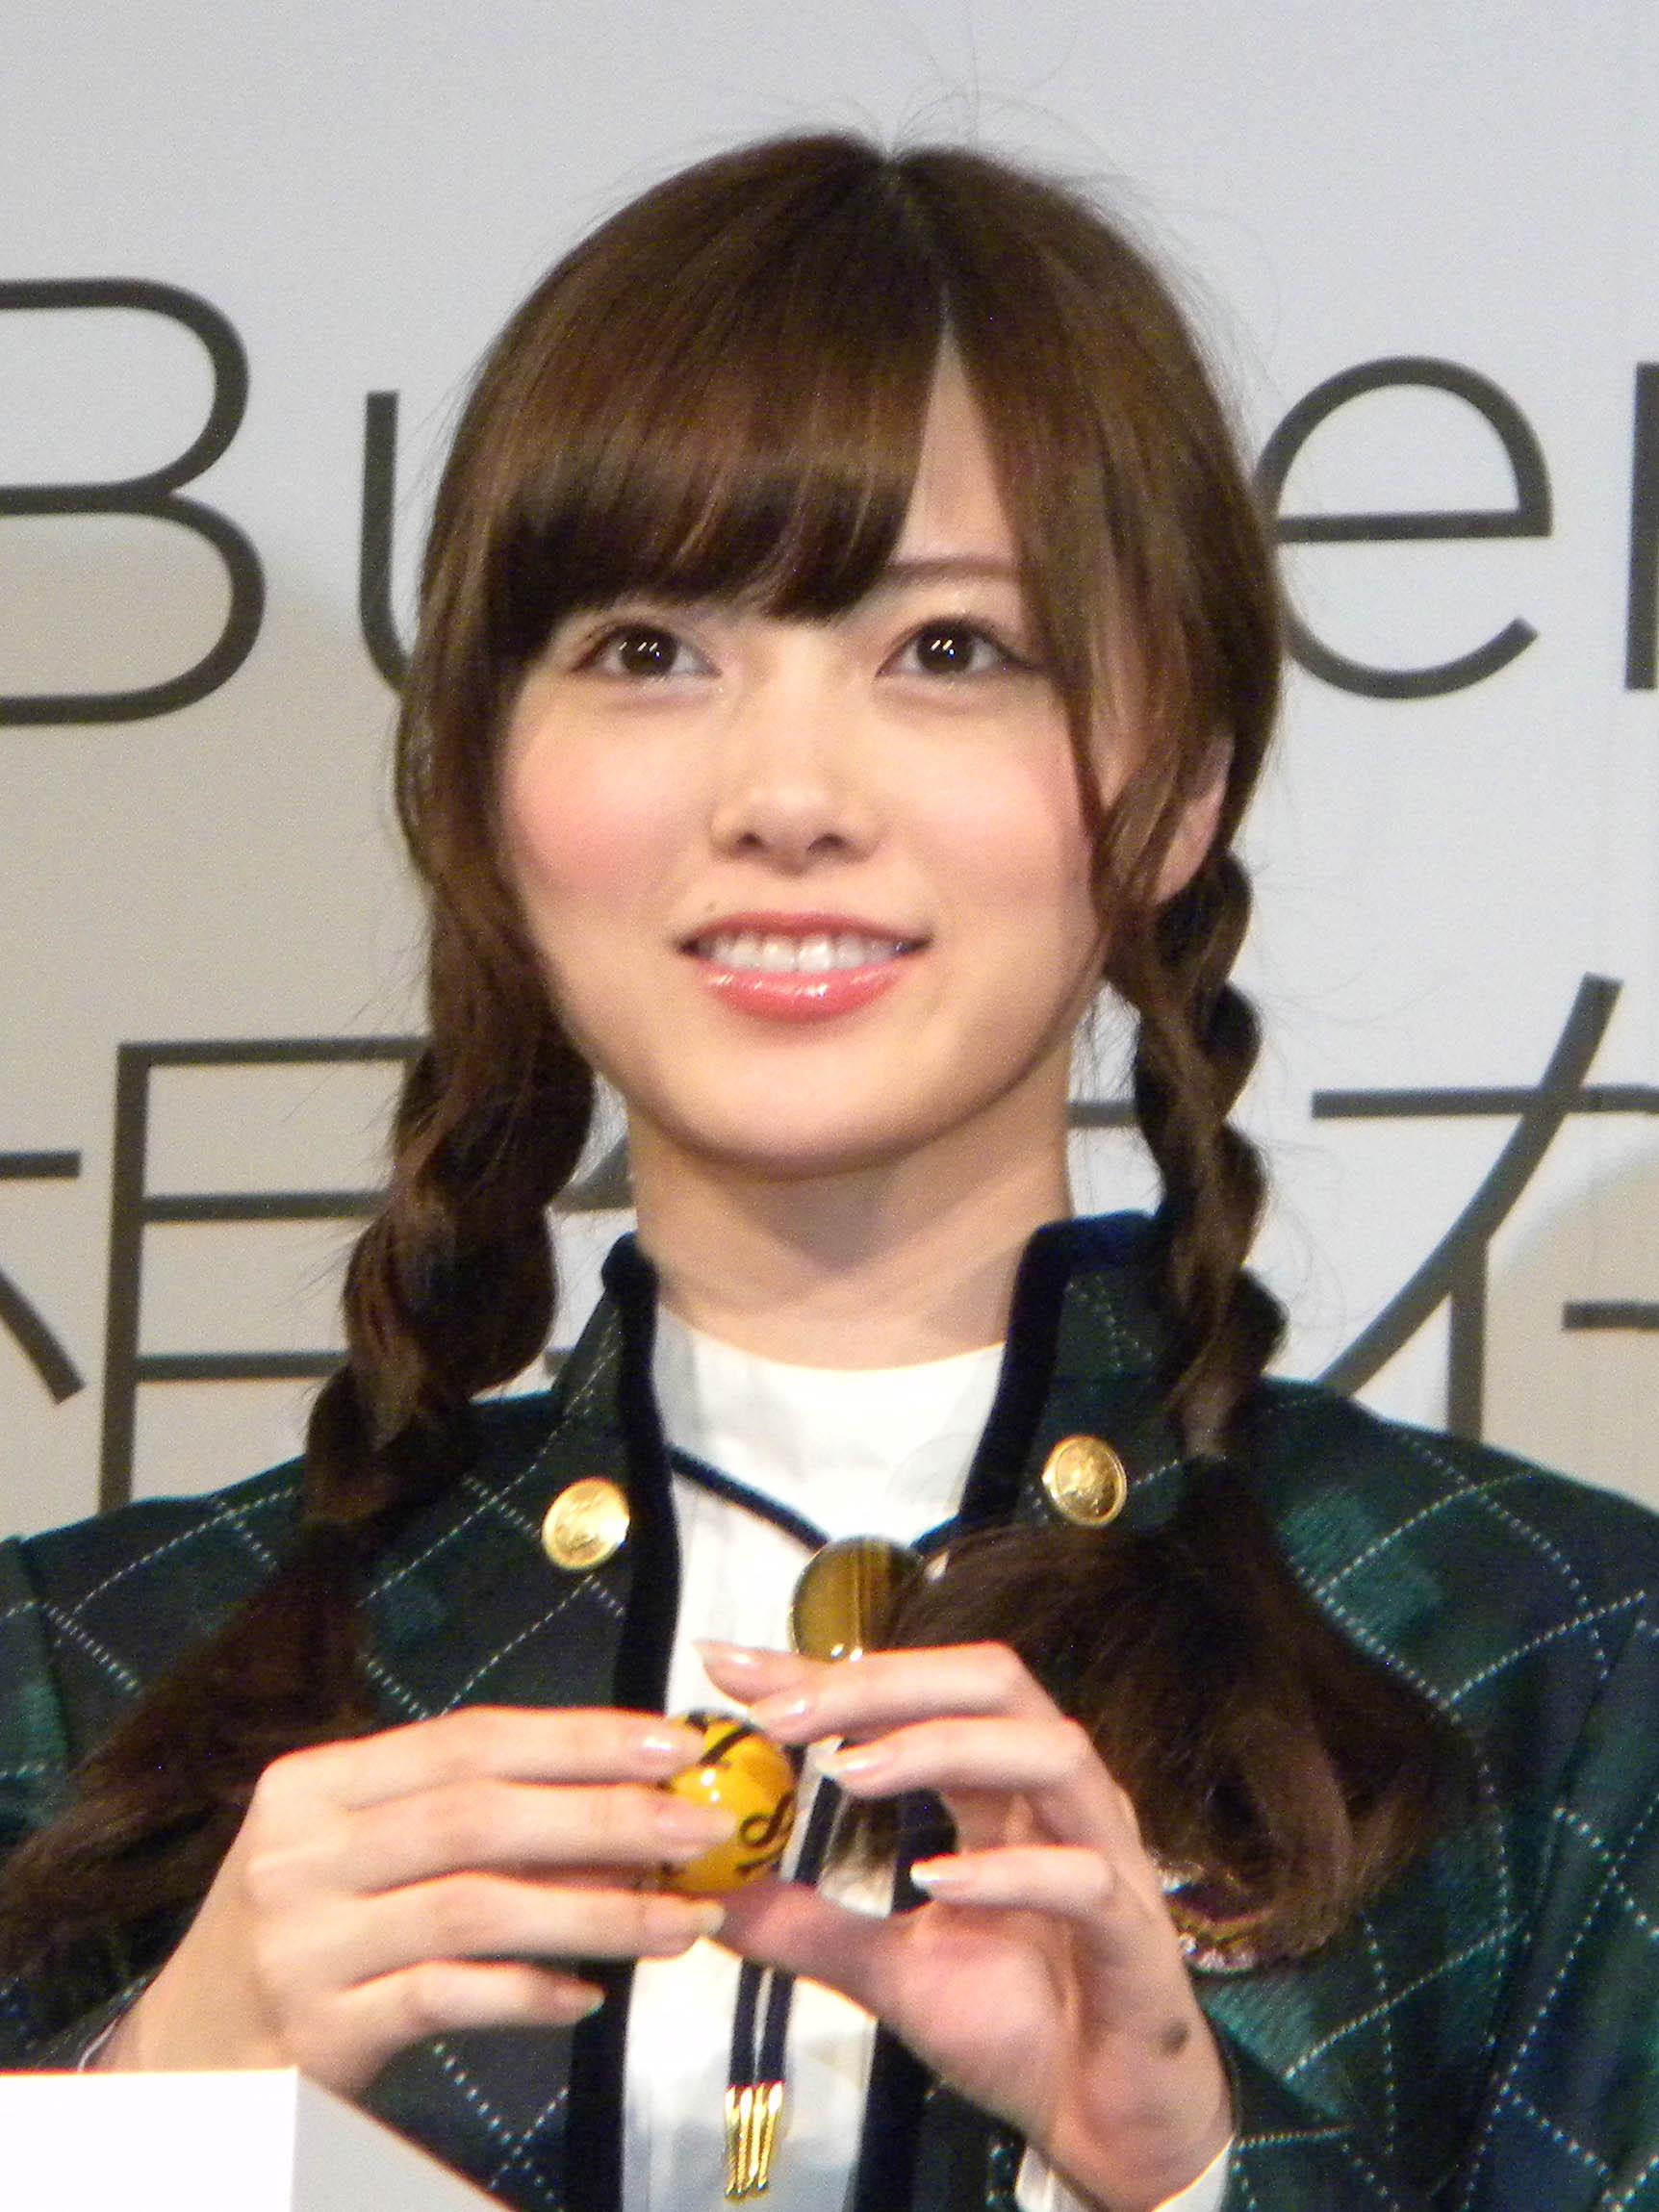 大人気アイドル・白石麻衣さんのように美しいメイクをまとめます!のサムネイル画像